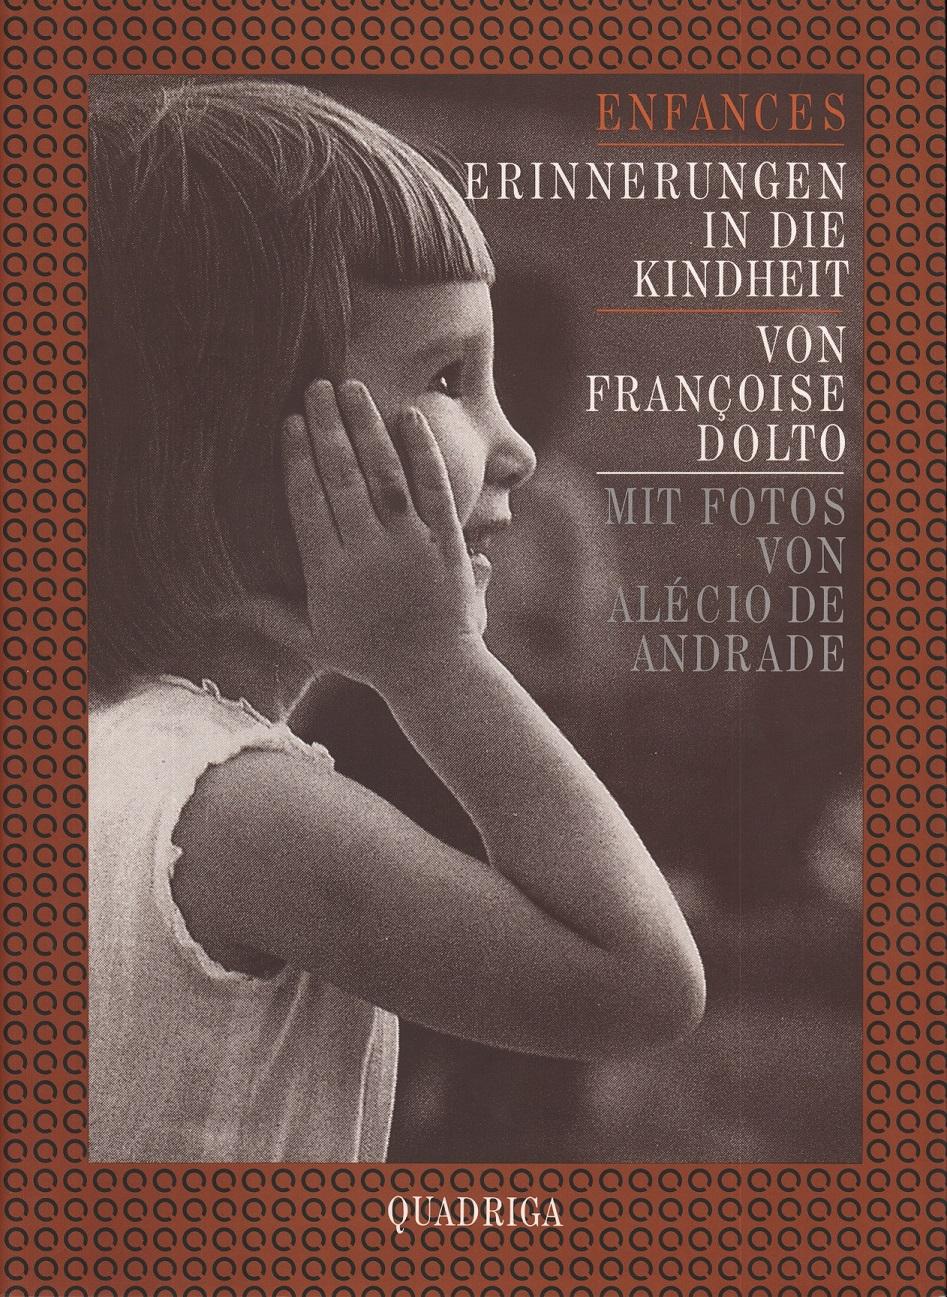 Enfances - Erinnerungen in die Kindheit